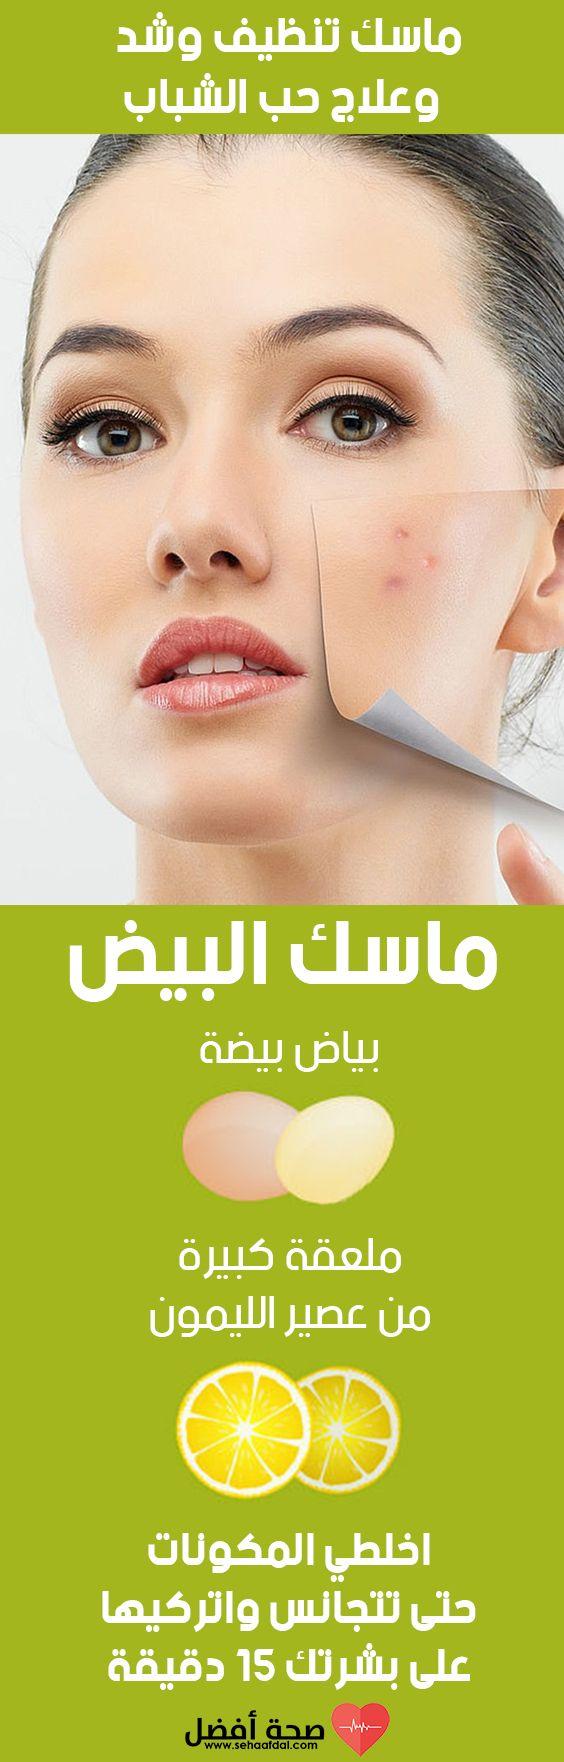 ماسك للوجه بالبيض والليمون للعناية بالبشرة الدهنية وعلاج حب الشباب Beauty Skin Care Routine Makeup Skin Care Beauty Care Routine